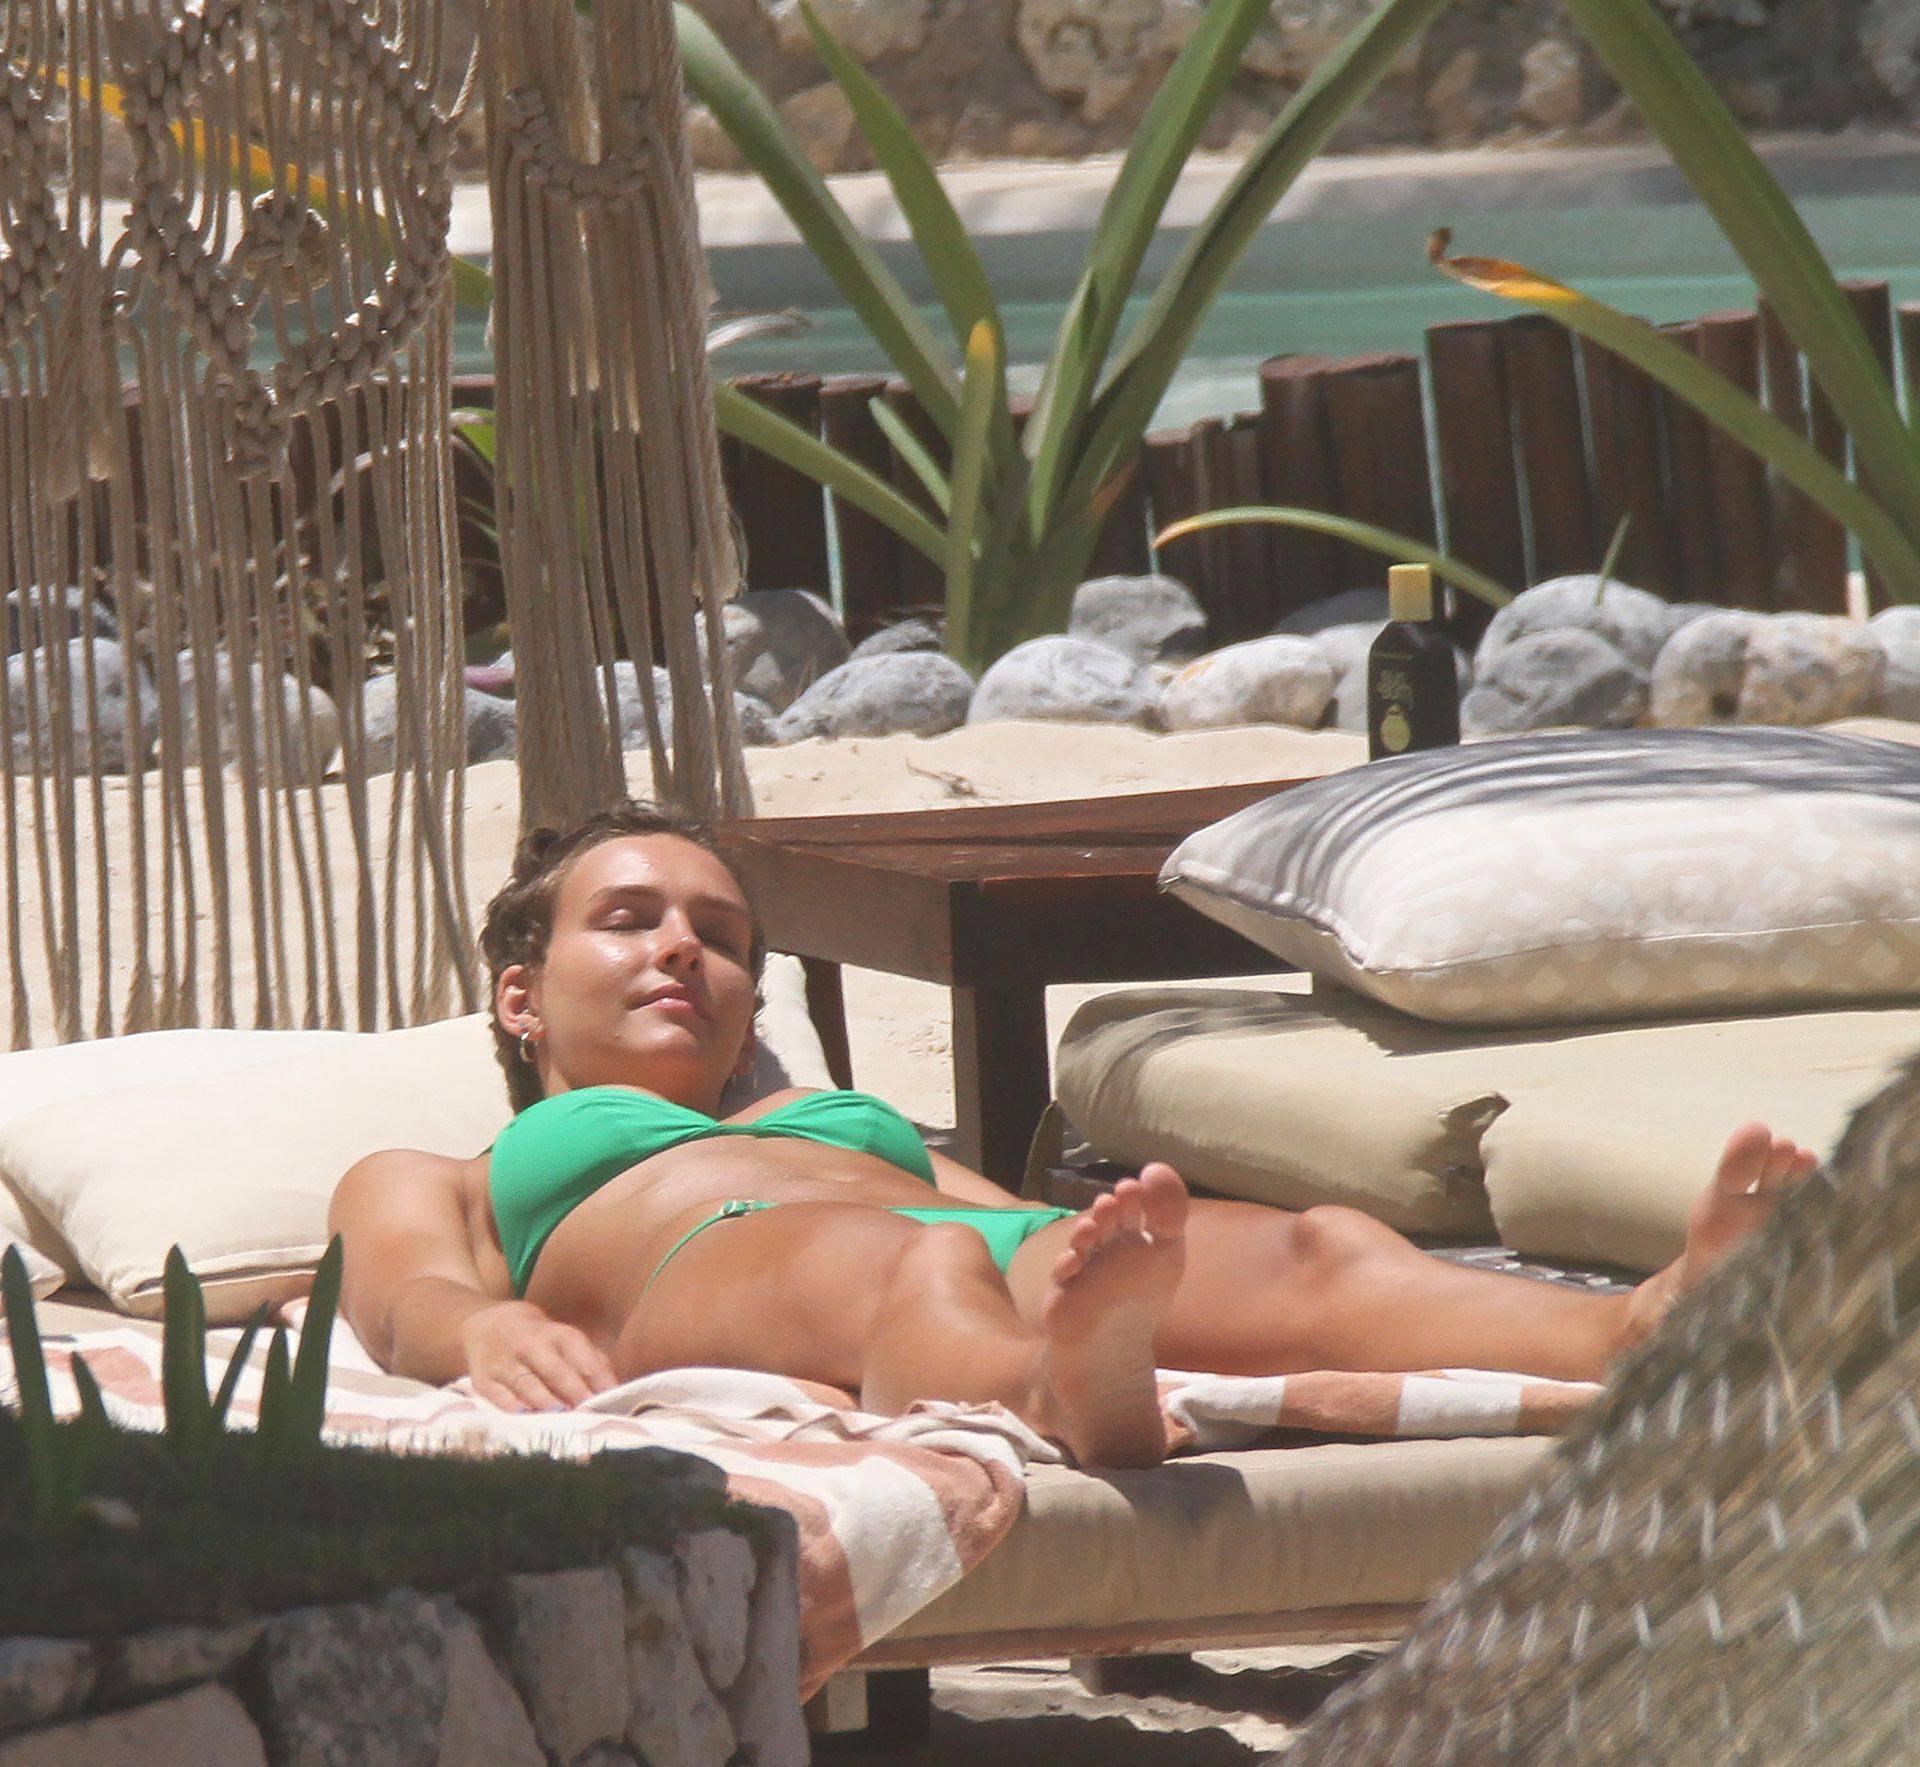 Rachel Cook – Sexy Ass And Boobs In Small Bikini In Tulum 0019